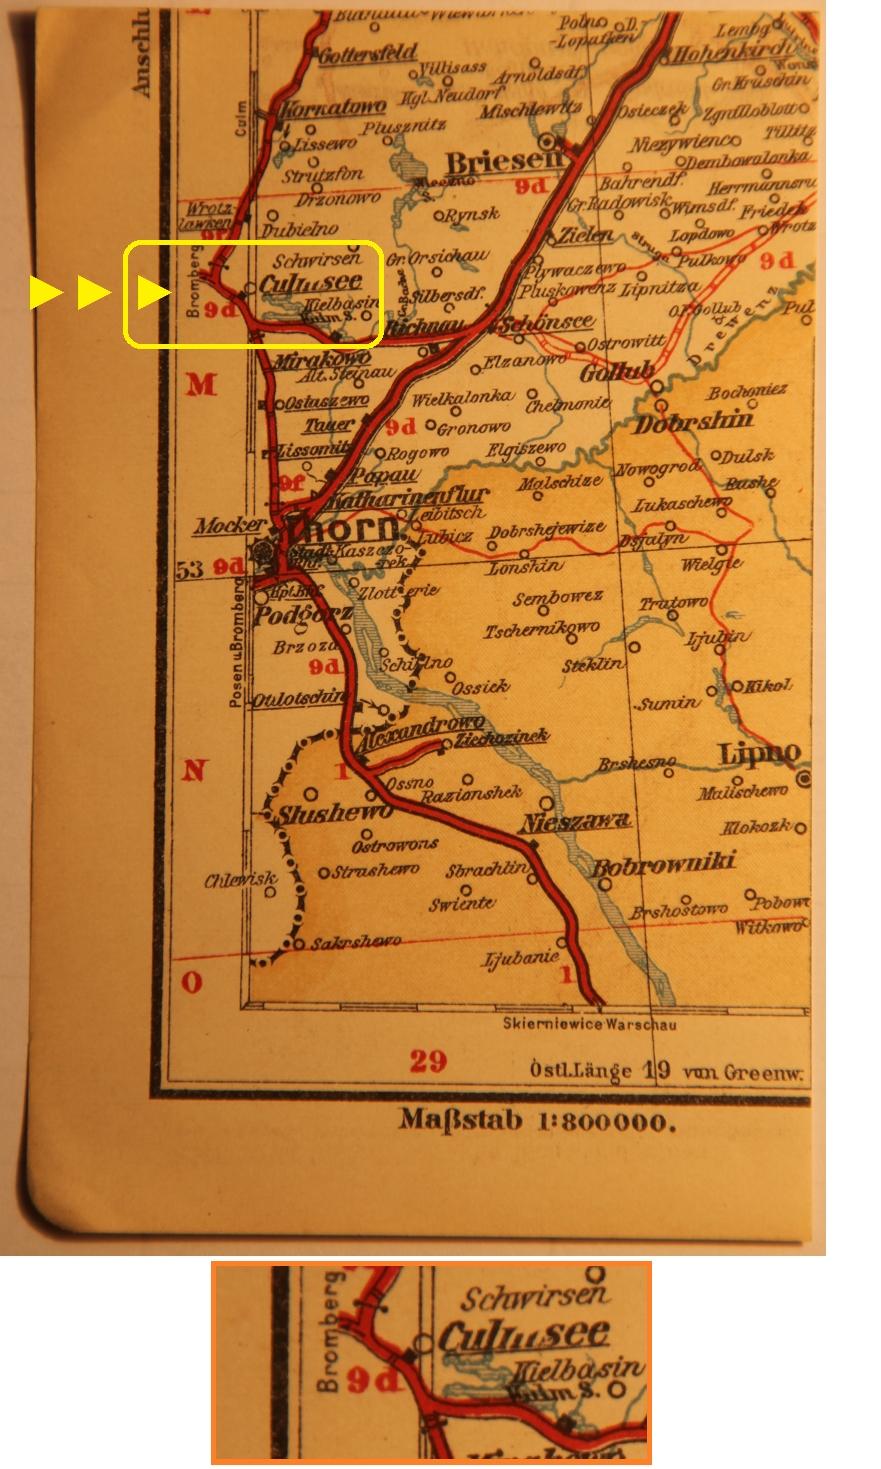 Culmsee cut map 1899